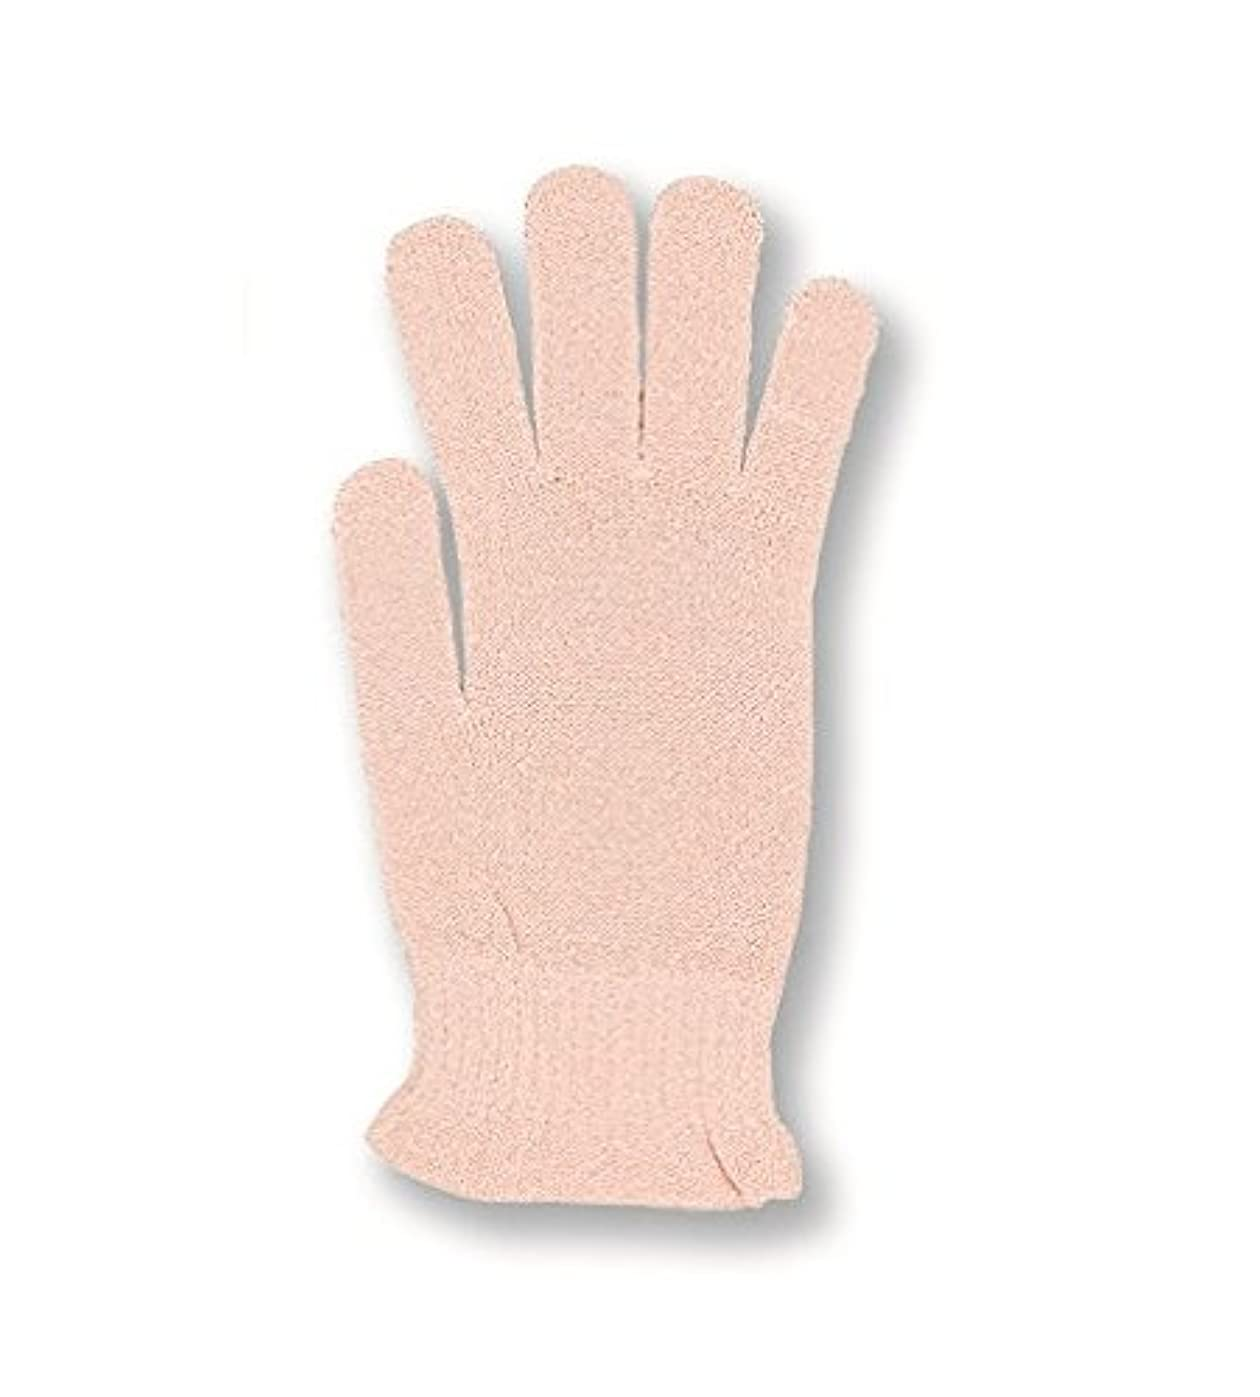 くさび妊娠した害虫コクーンフィット シルク おやすみ手袋 ピーチ